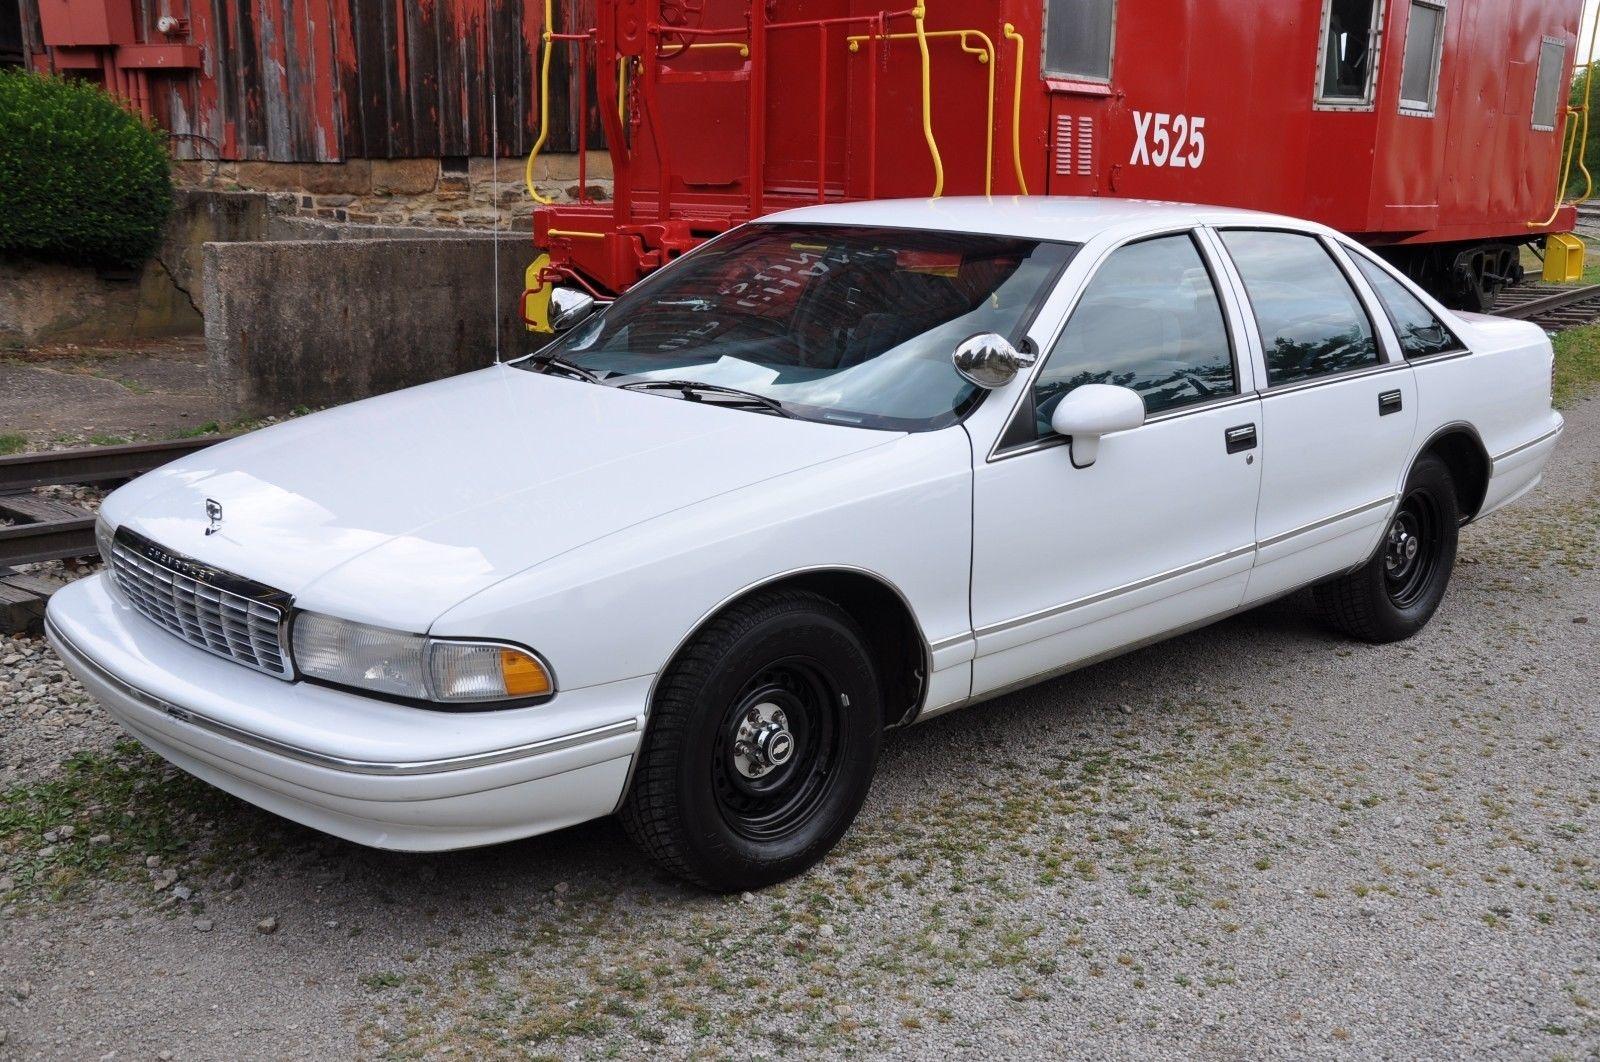 Police Caprice: 14,000 Mile 1994 Chevrolet Caprice 9C1